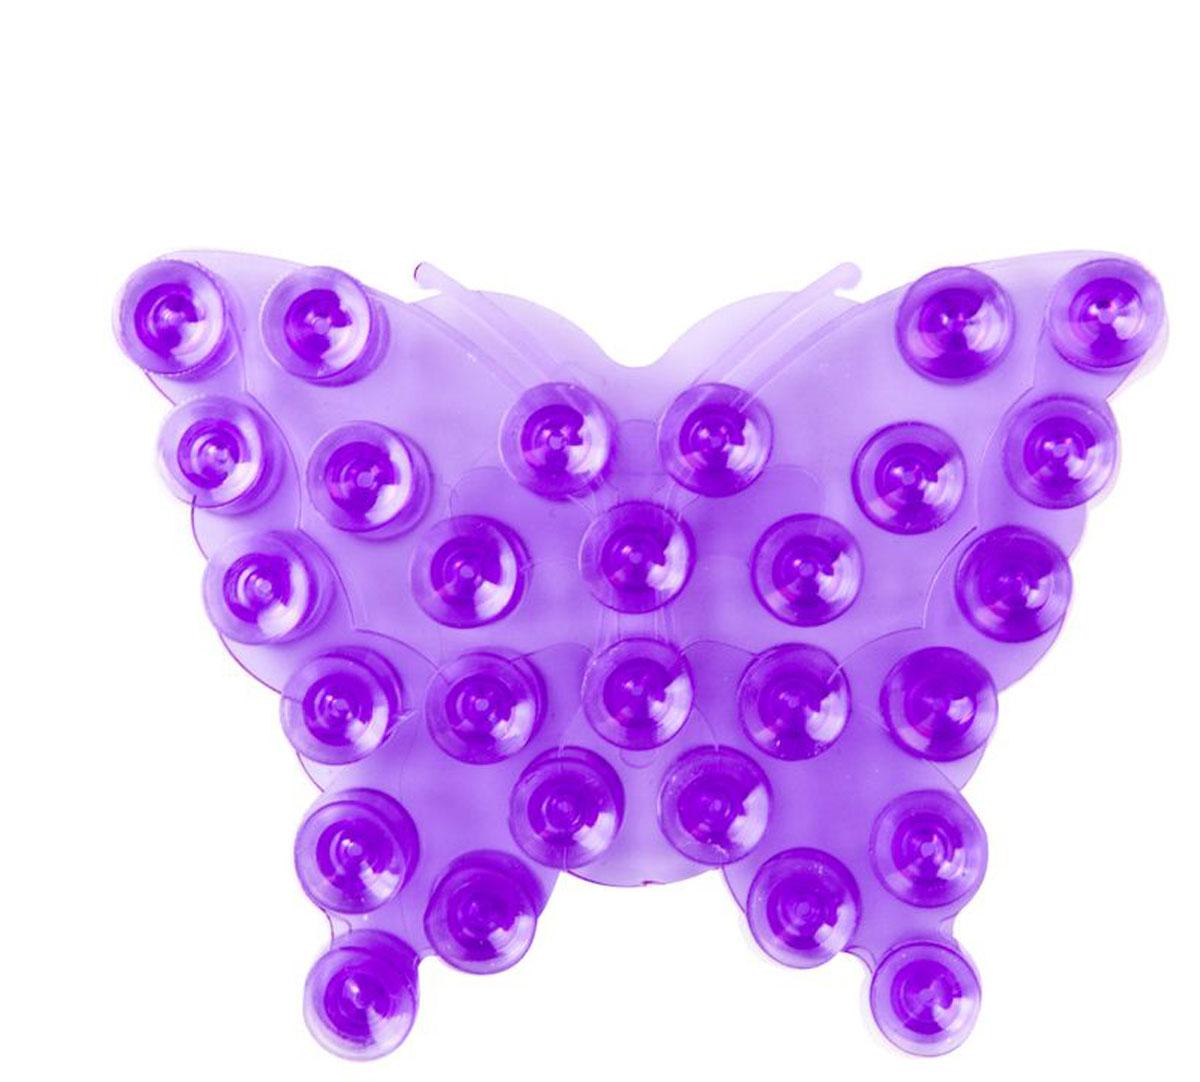 Valiant Полка-липучка для ванной Бабочка на присосках цвет фиолетовыйKDS-BVПолка-липучка Valiant Бабочка - оригинальный и яркий аксессуар для ванной комнаты. Она имеет двусторонние присоски, легко и надежно крепится к любой гладкой поверхности. Благодаря присоскам полка-липучка удерживает различные предметы: шампуни, гели, мыло и детские игрушки. Липучка станет ярким цветовым пятном на поверхности ванны, кафельной стены или в душевой кабине.